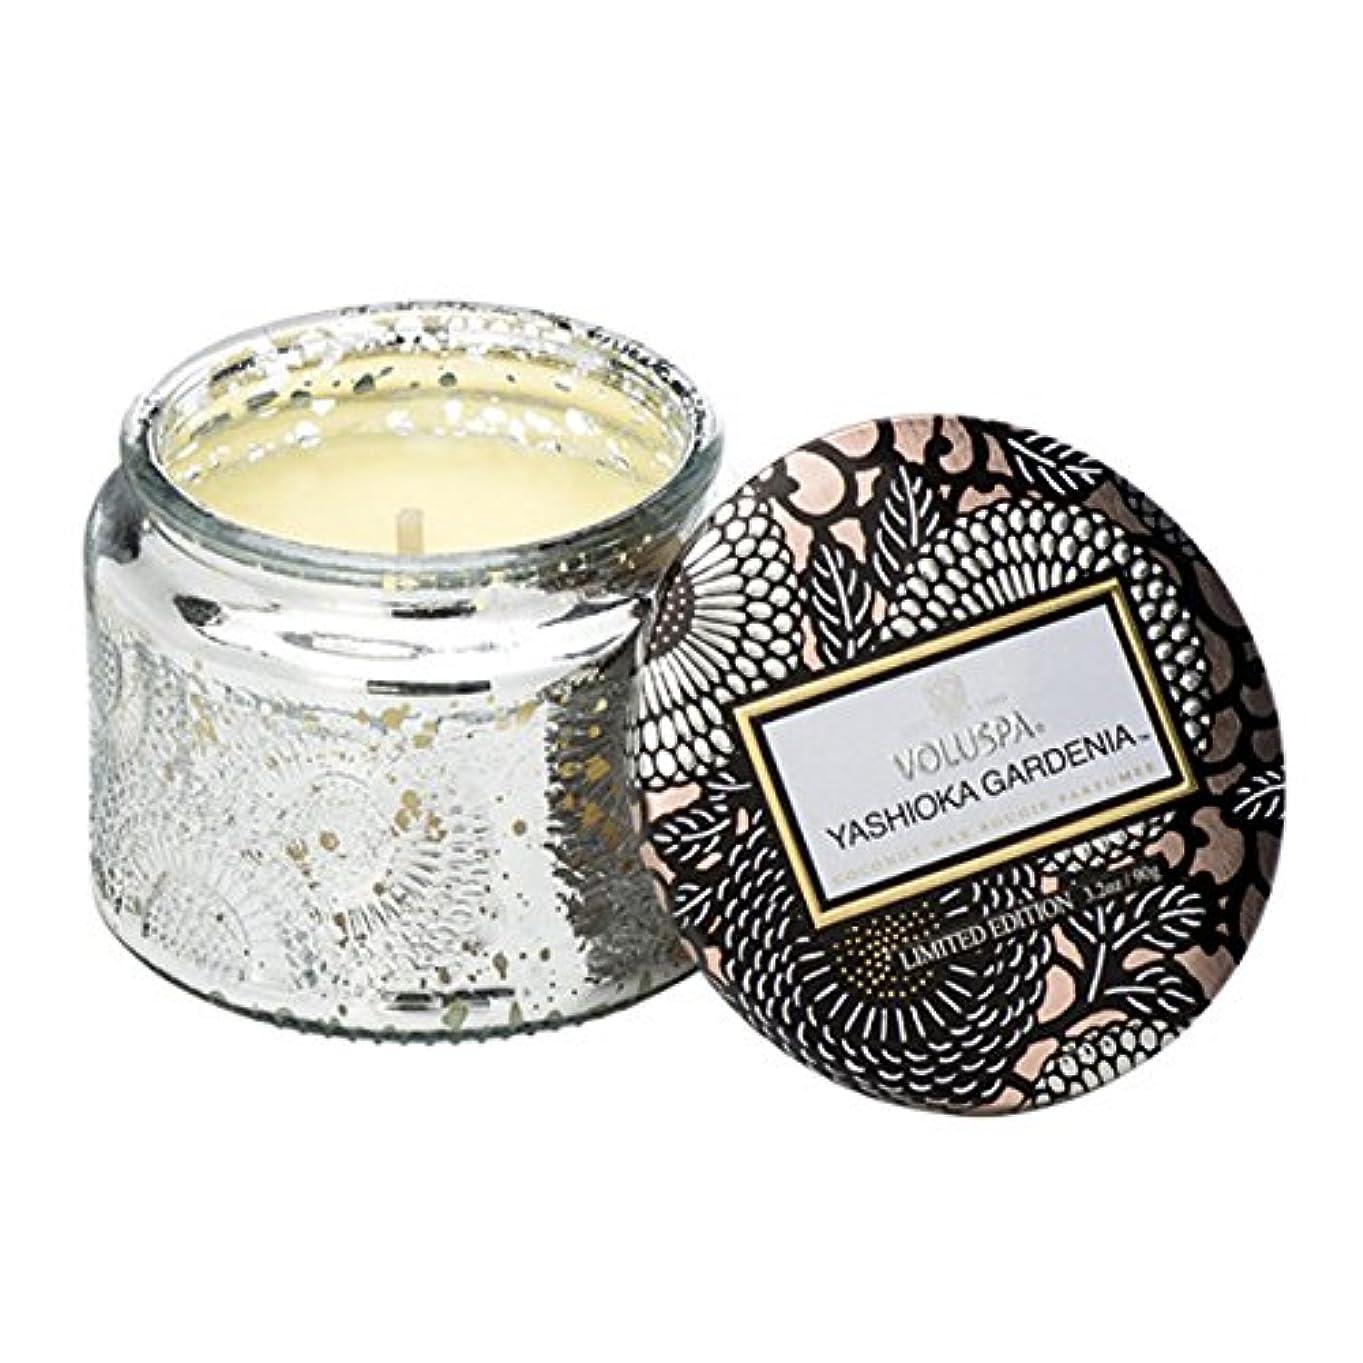 提案シーフード新聞Voluspa ボルスパ ジャポニカ リミテッド グラスジャーキャンドル  S ヤシオカガーデニア YASHIOKA GARDENIA JAPONICA Limited PETITE EMBOSSED Glass jar candle